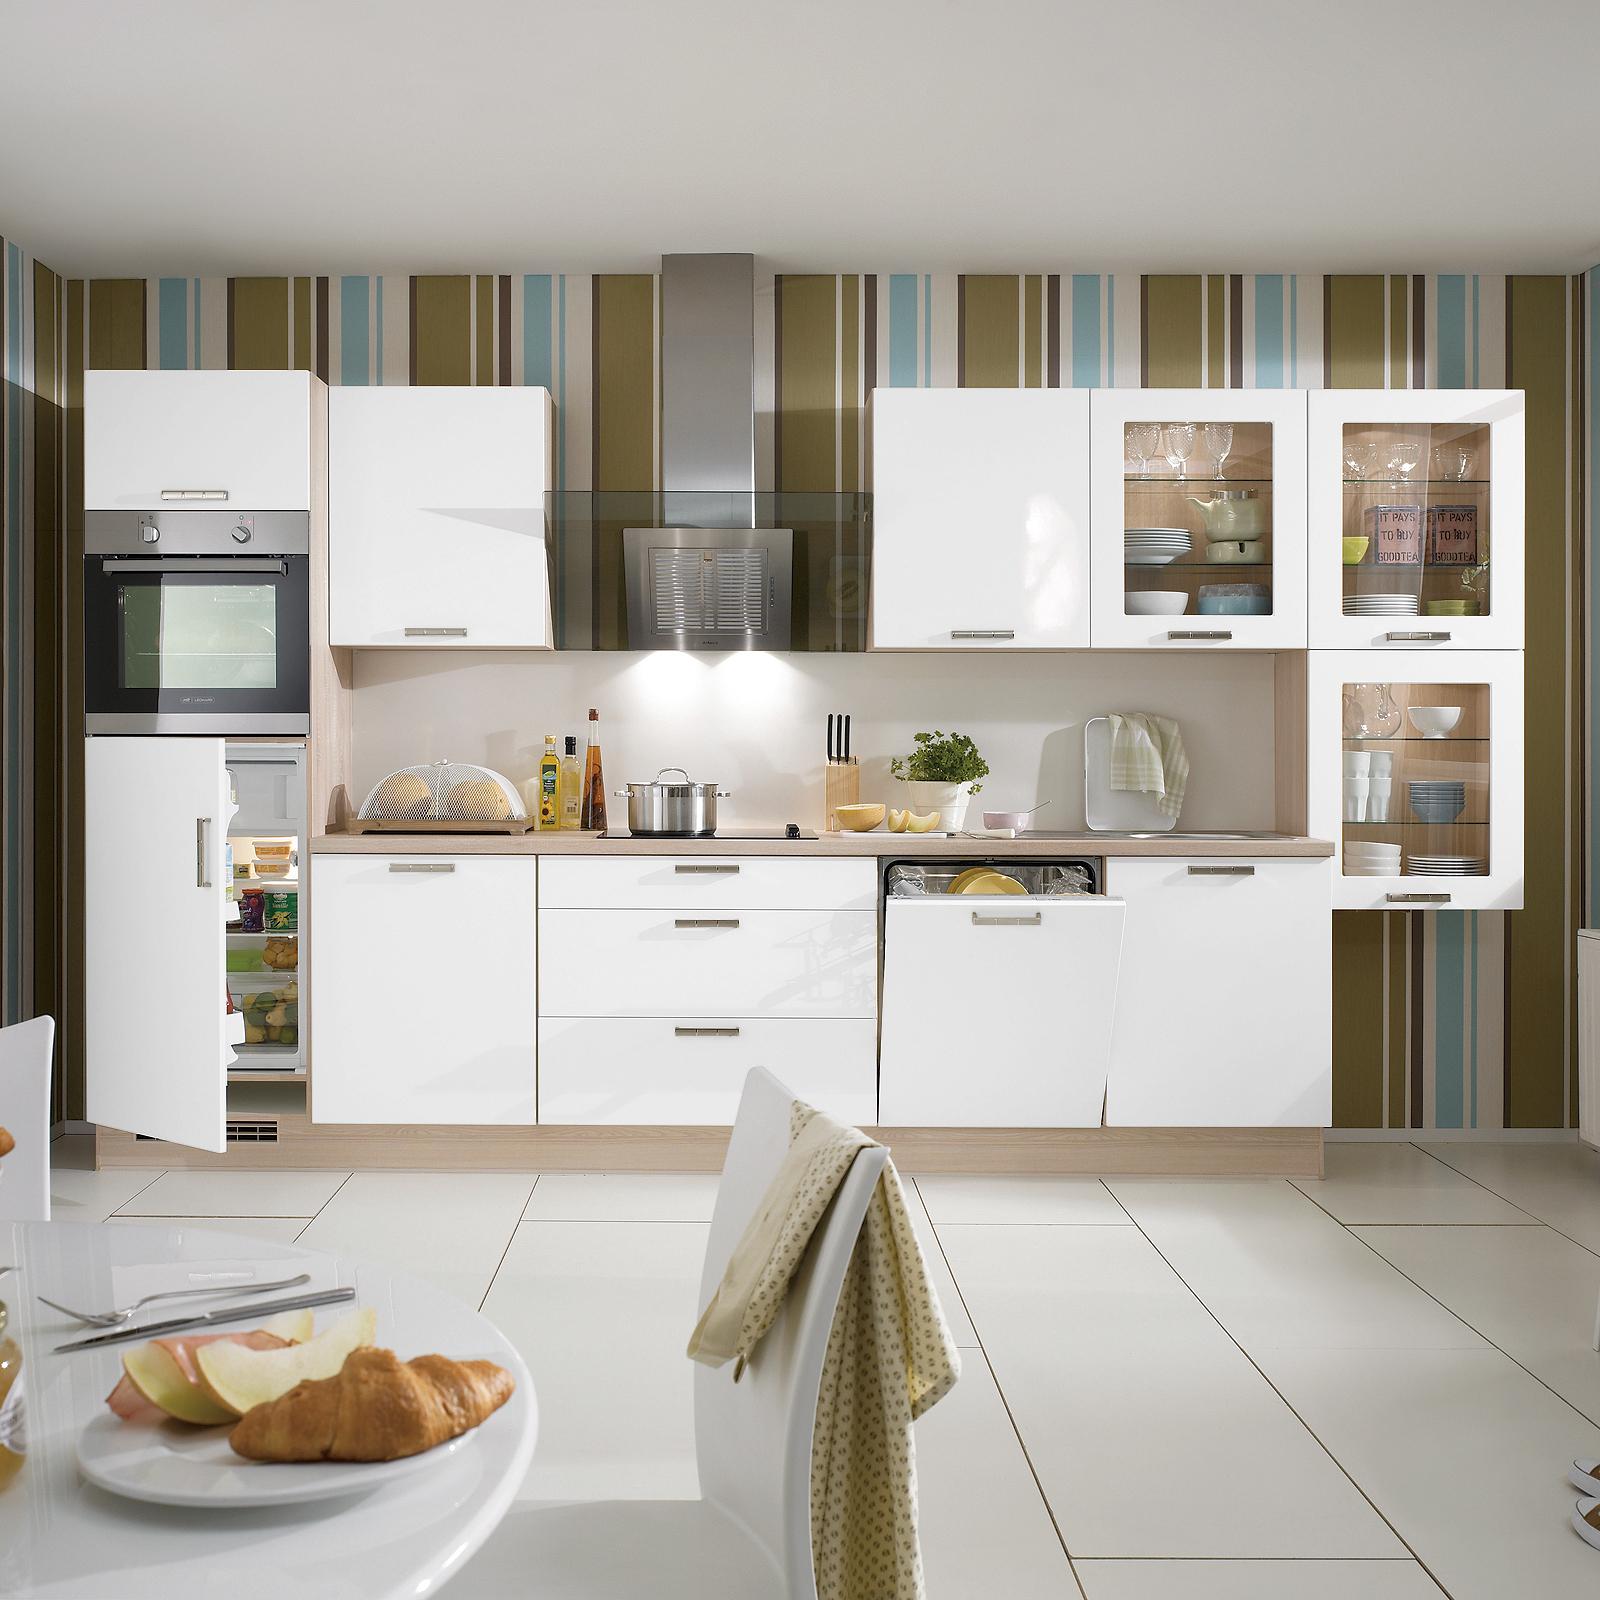 Küche Inkl E Geräte : nobilia einbauk che k chenzeile k che inkl e ger te mit auswahlfarben 375 ebay ~ Bigdaddyawards.com Haus und Dekorationen